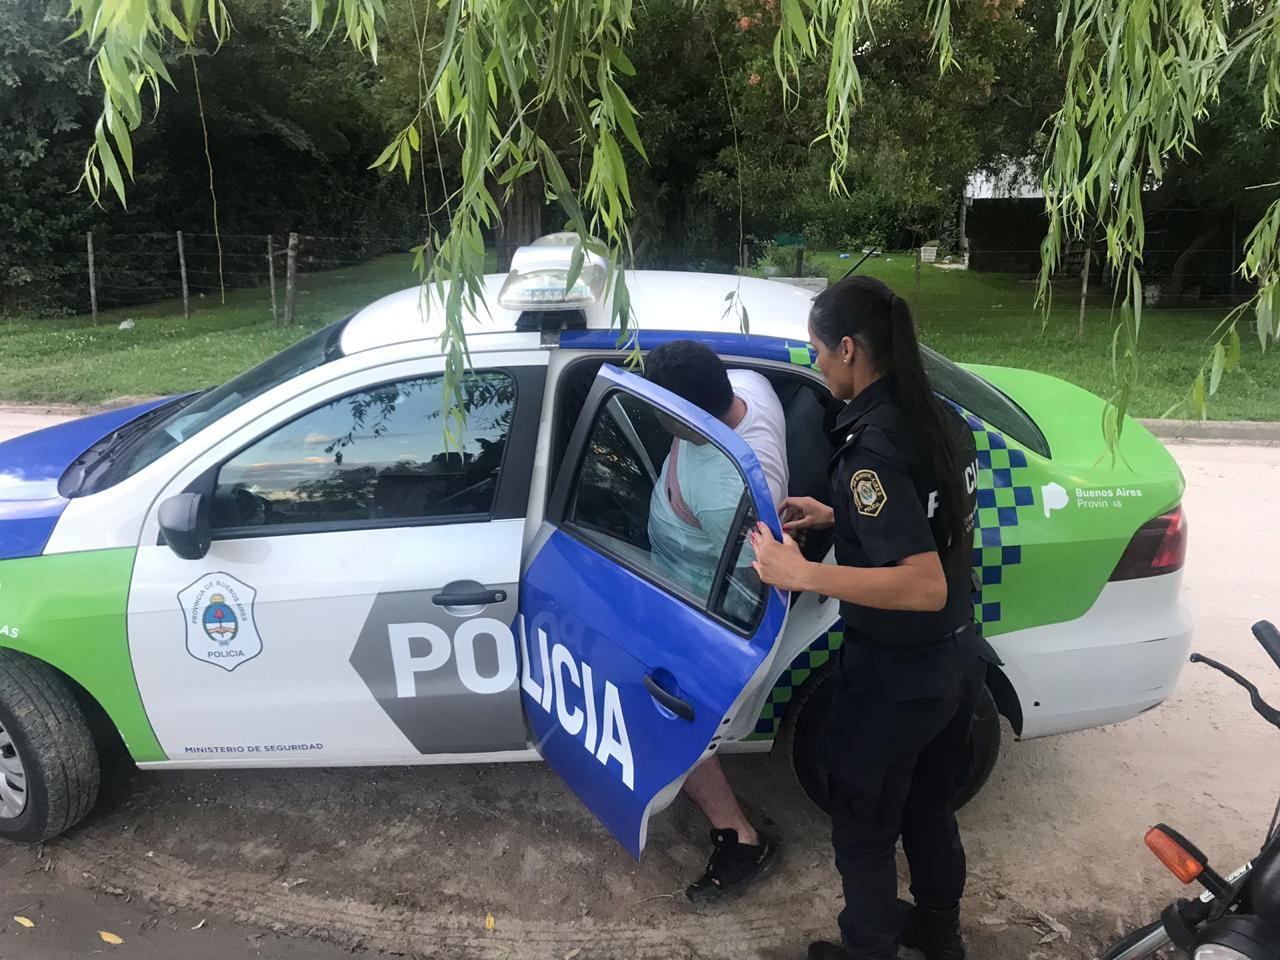 CNEL VIDAL: Un detenido por tenencia y venta de estupefacientes tras allanamiento positivo